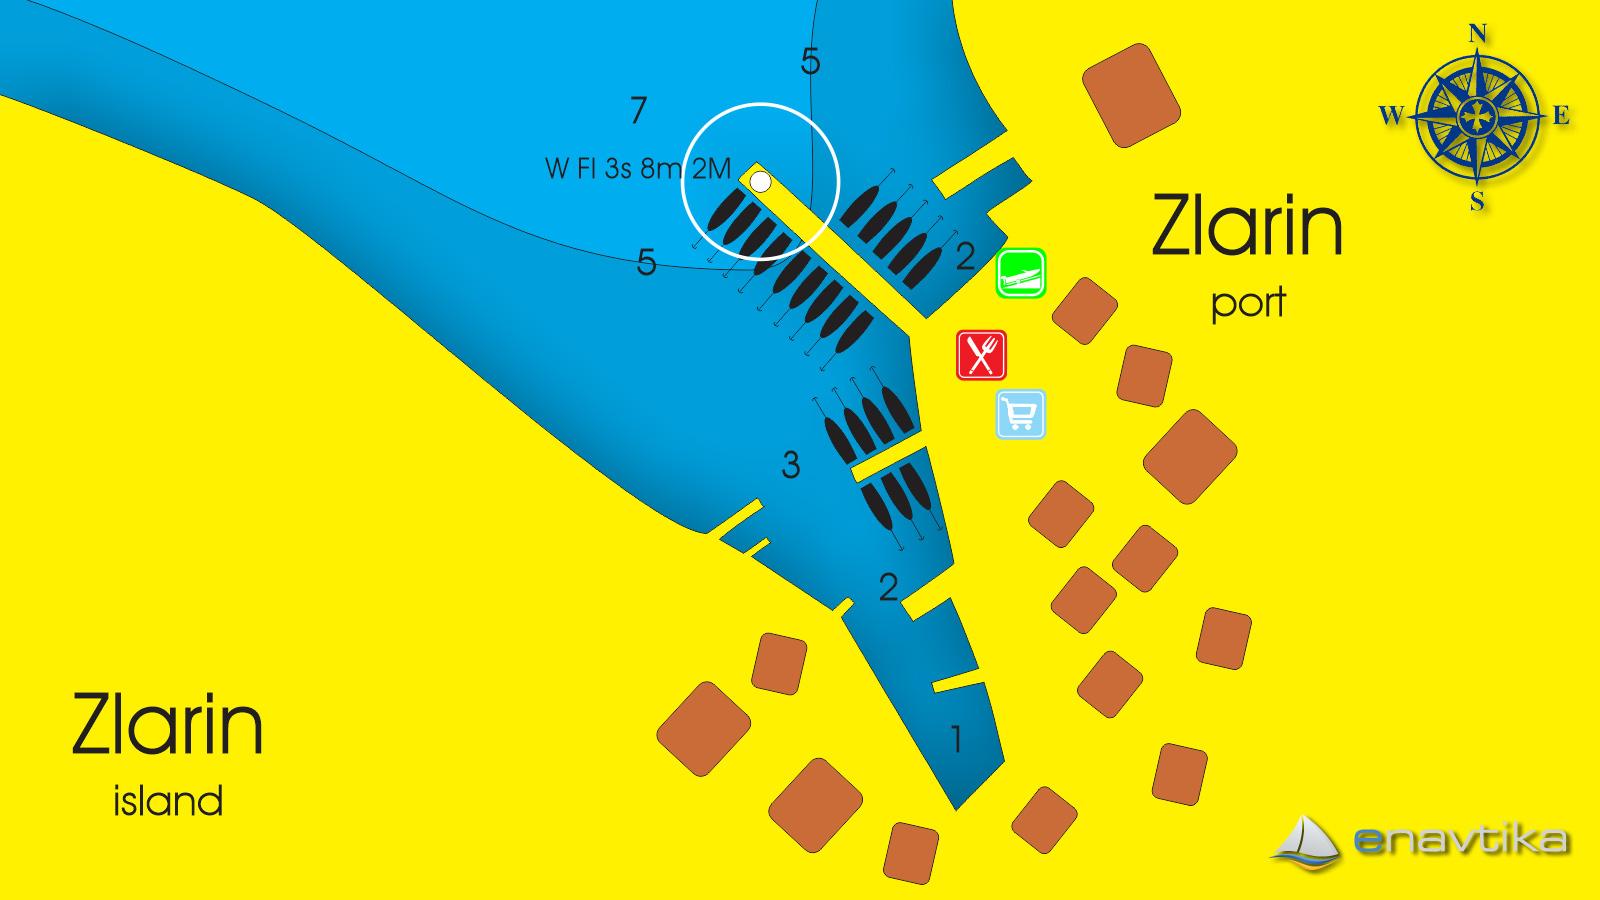 Slika Zlarin E3244 2